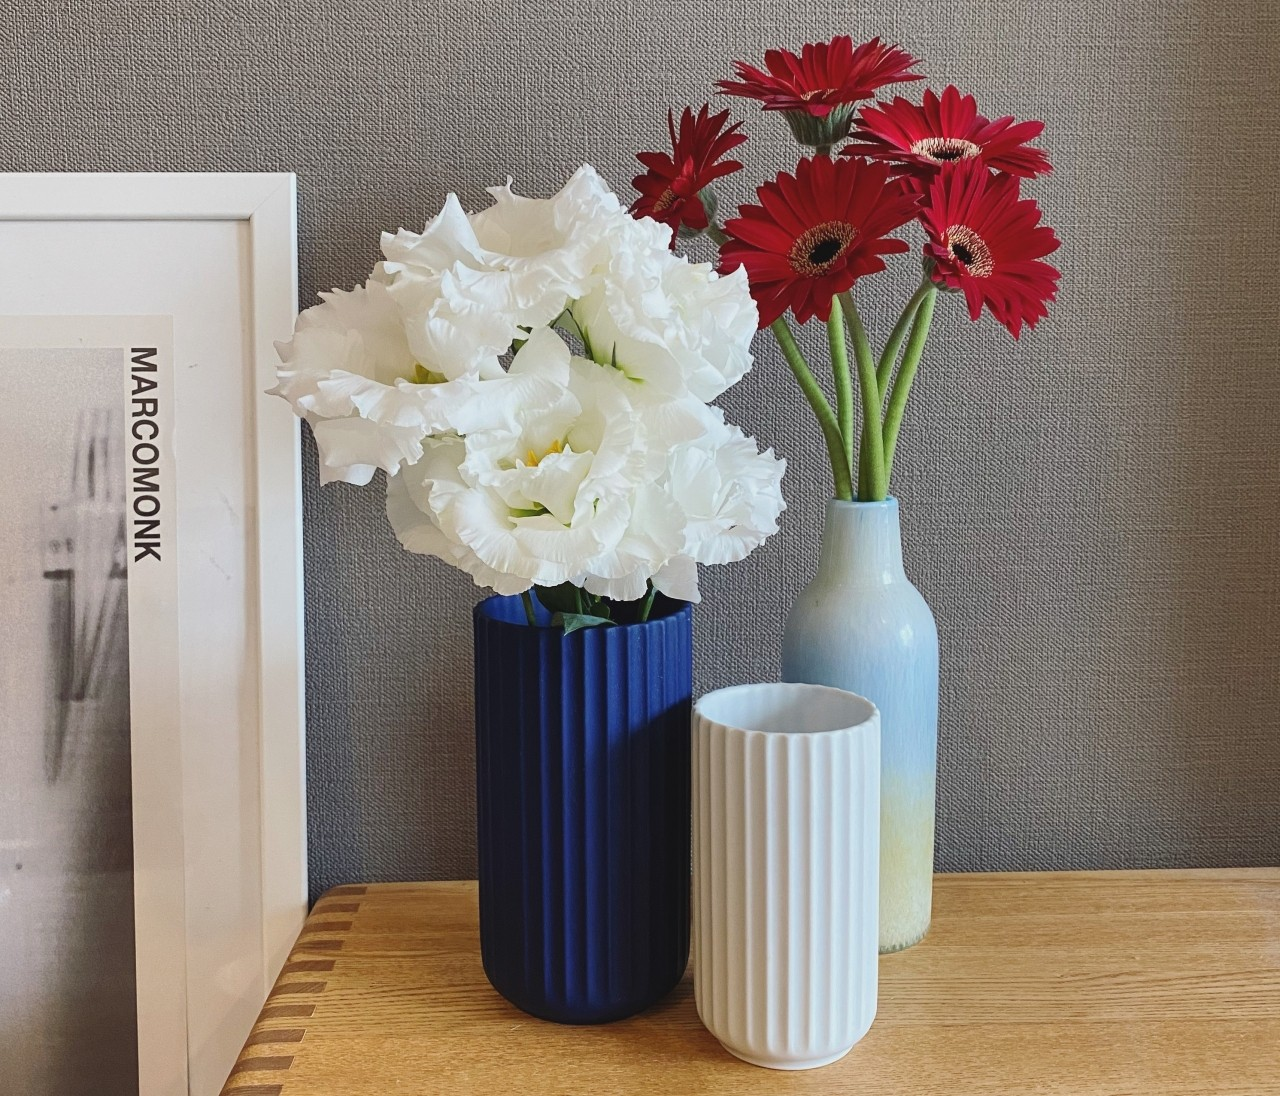 【エディターのおうち私物#19】花を飾る楽しさが倍増するお気に入りの花器たち♡